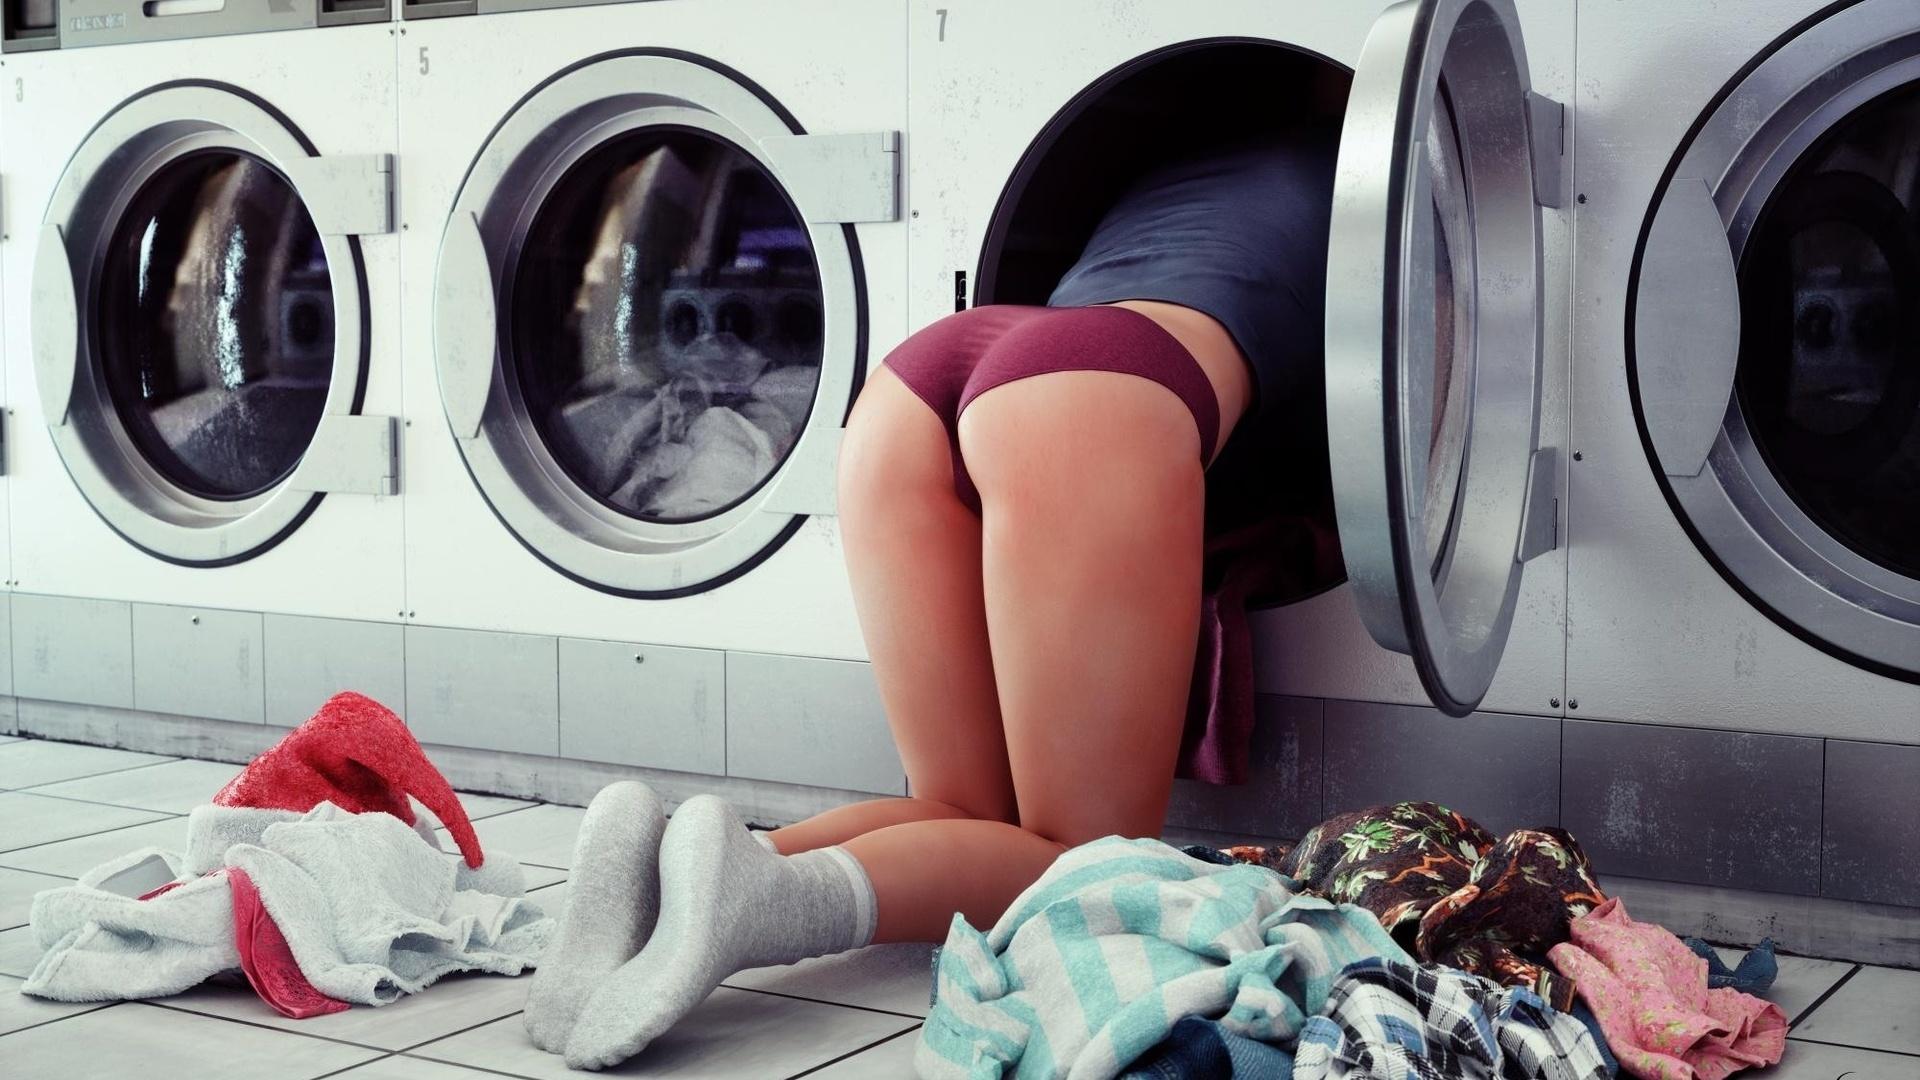 Ryan uses the washing machine